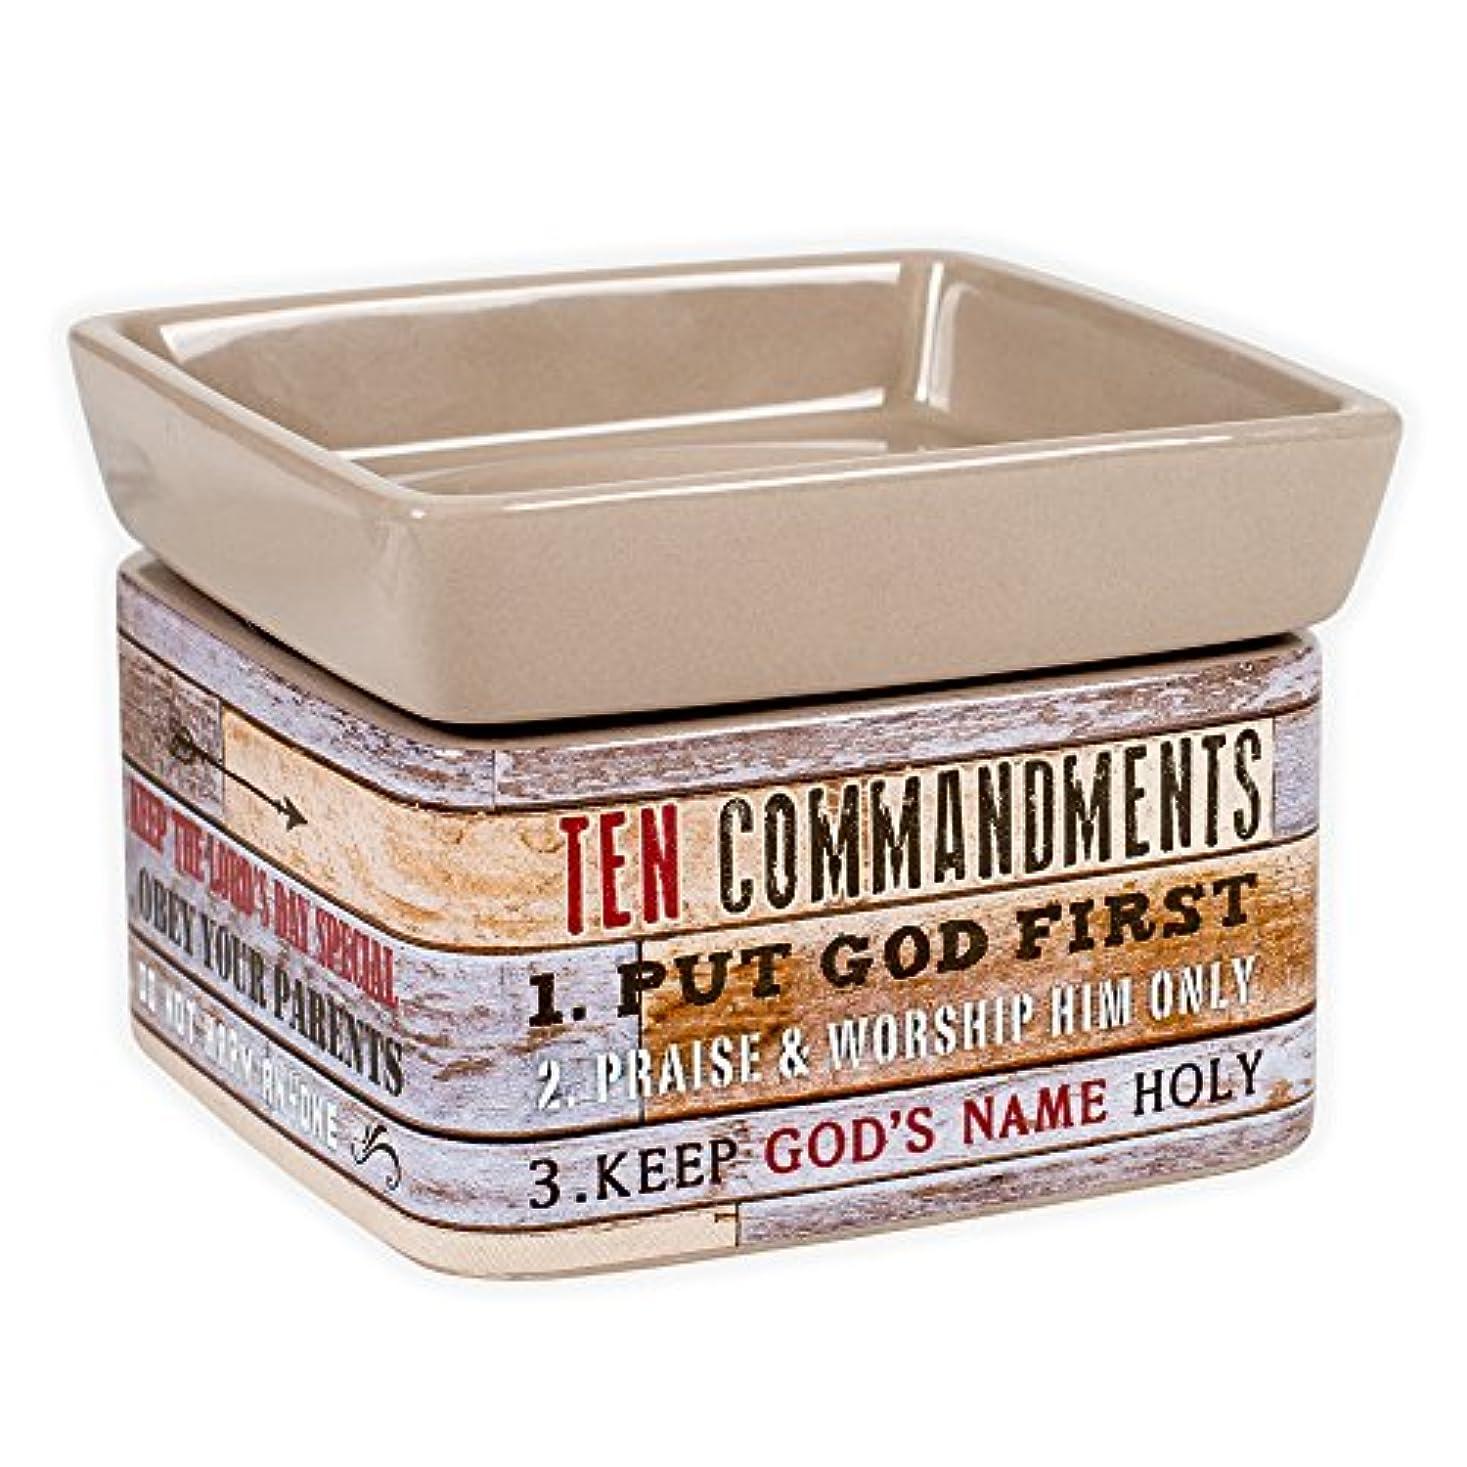 帝国主義天皇お酒Ten Commandments Pallet Wood Lookセラミックストーン2イン1 Jar Candle andワックスTart Oil Warmer